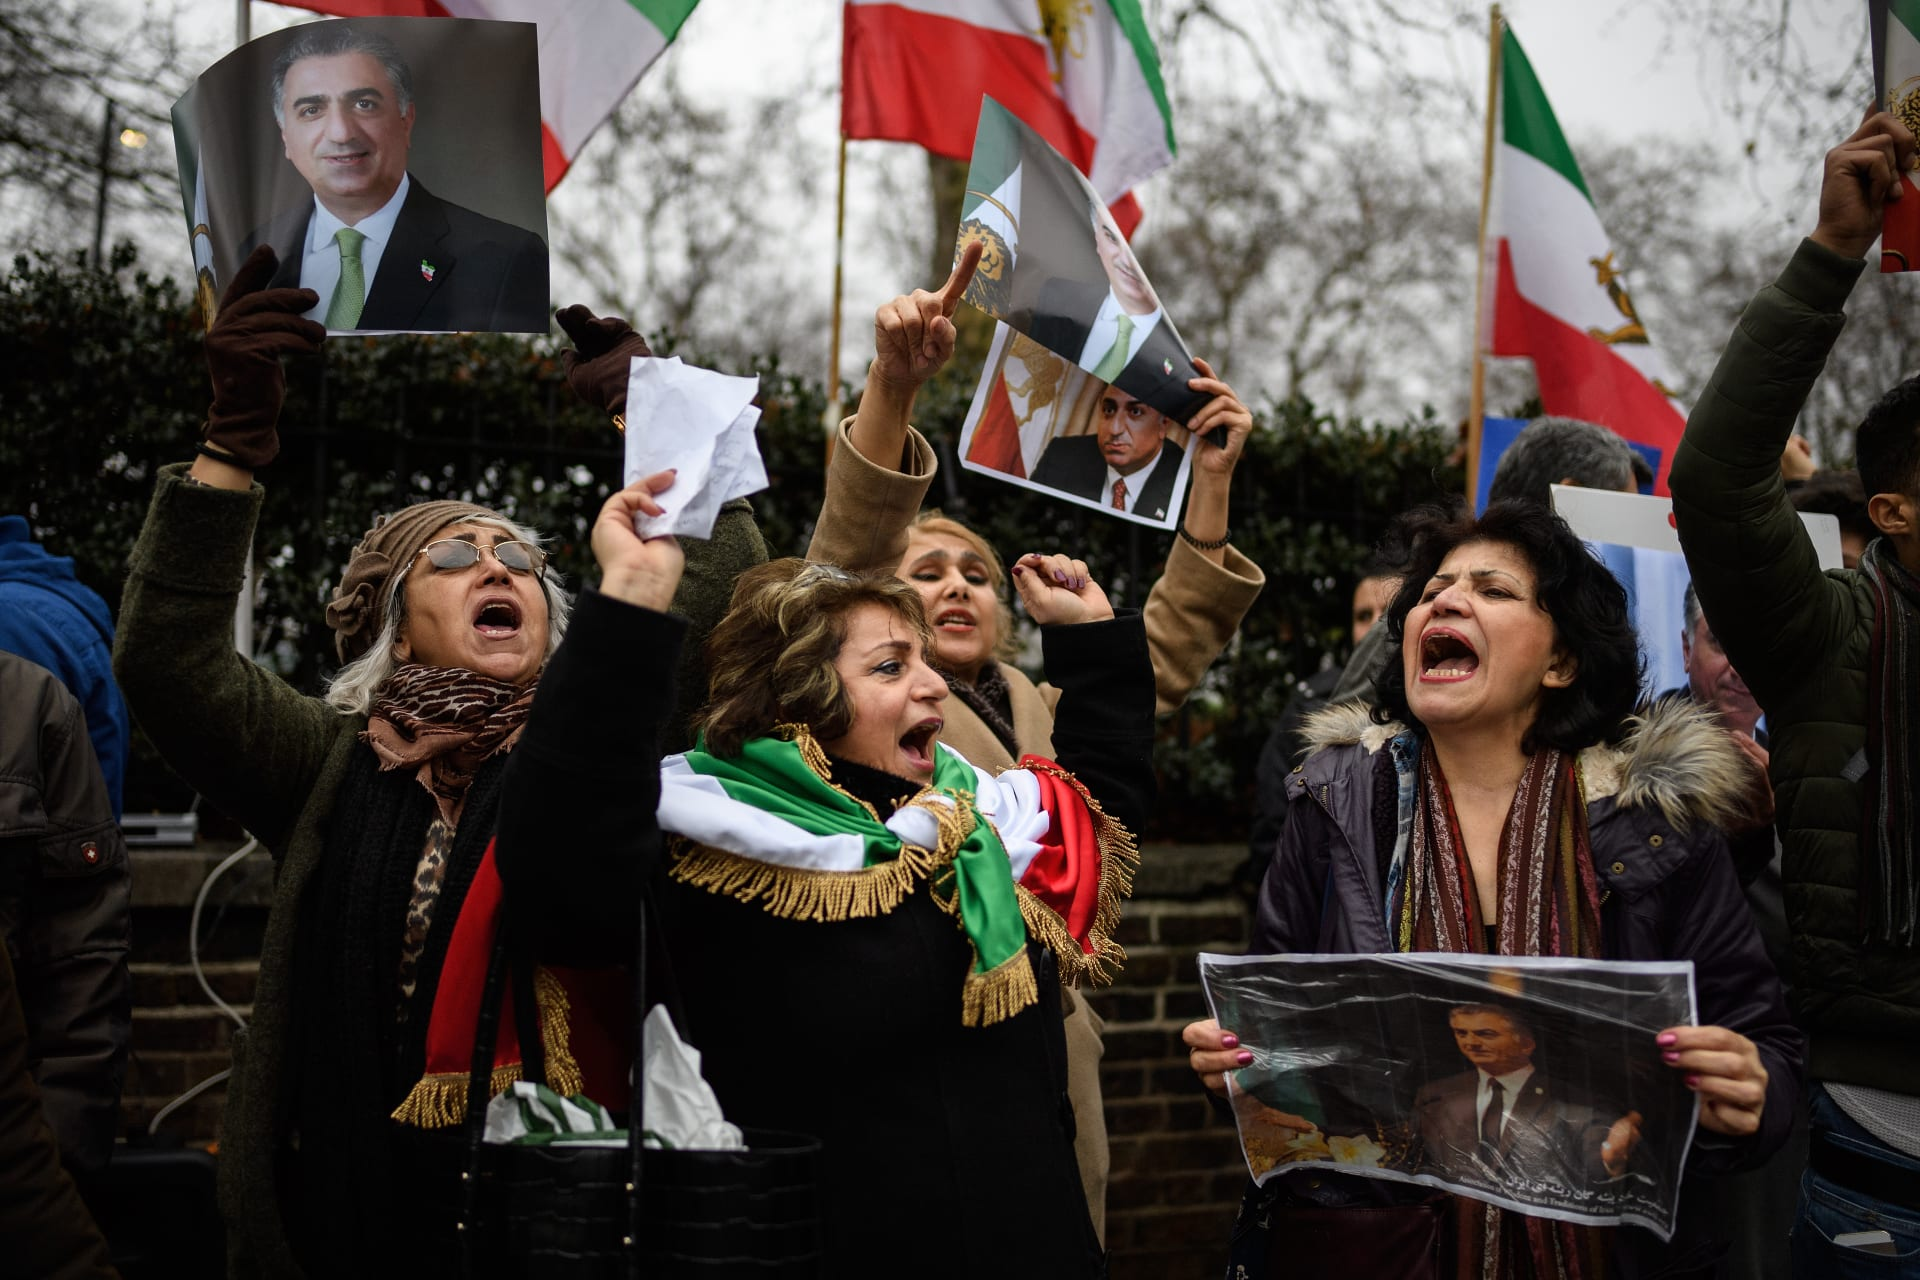 مراسل بإيران: المحتجون لا يعرفون السياسة.. ولا يريدون إلا وظائف